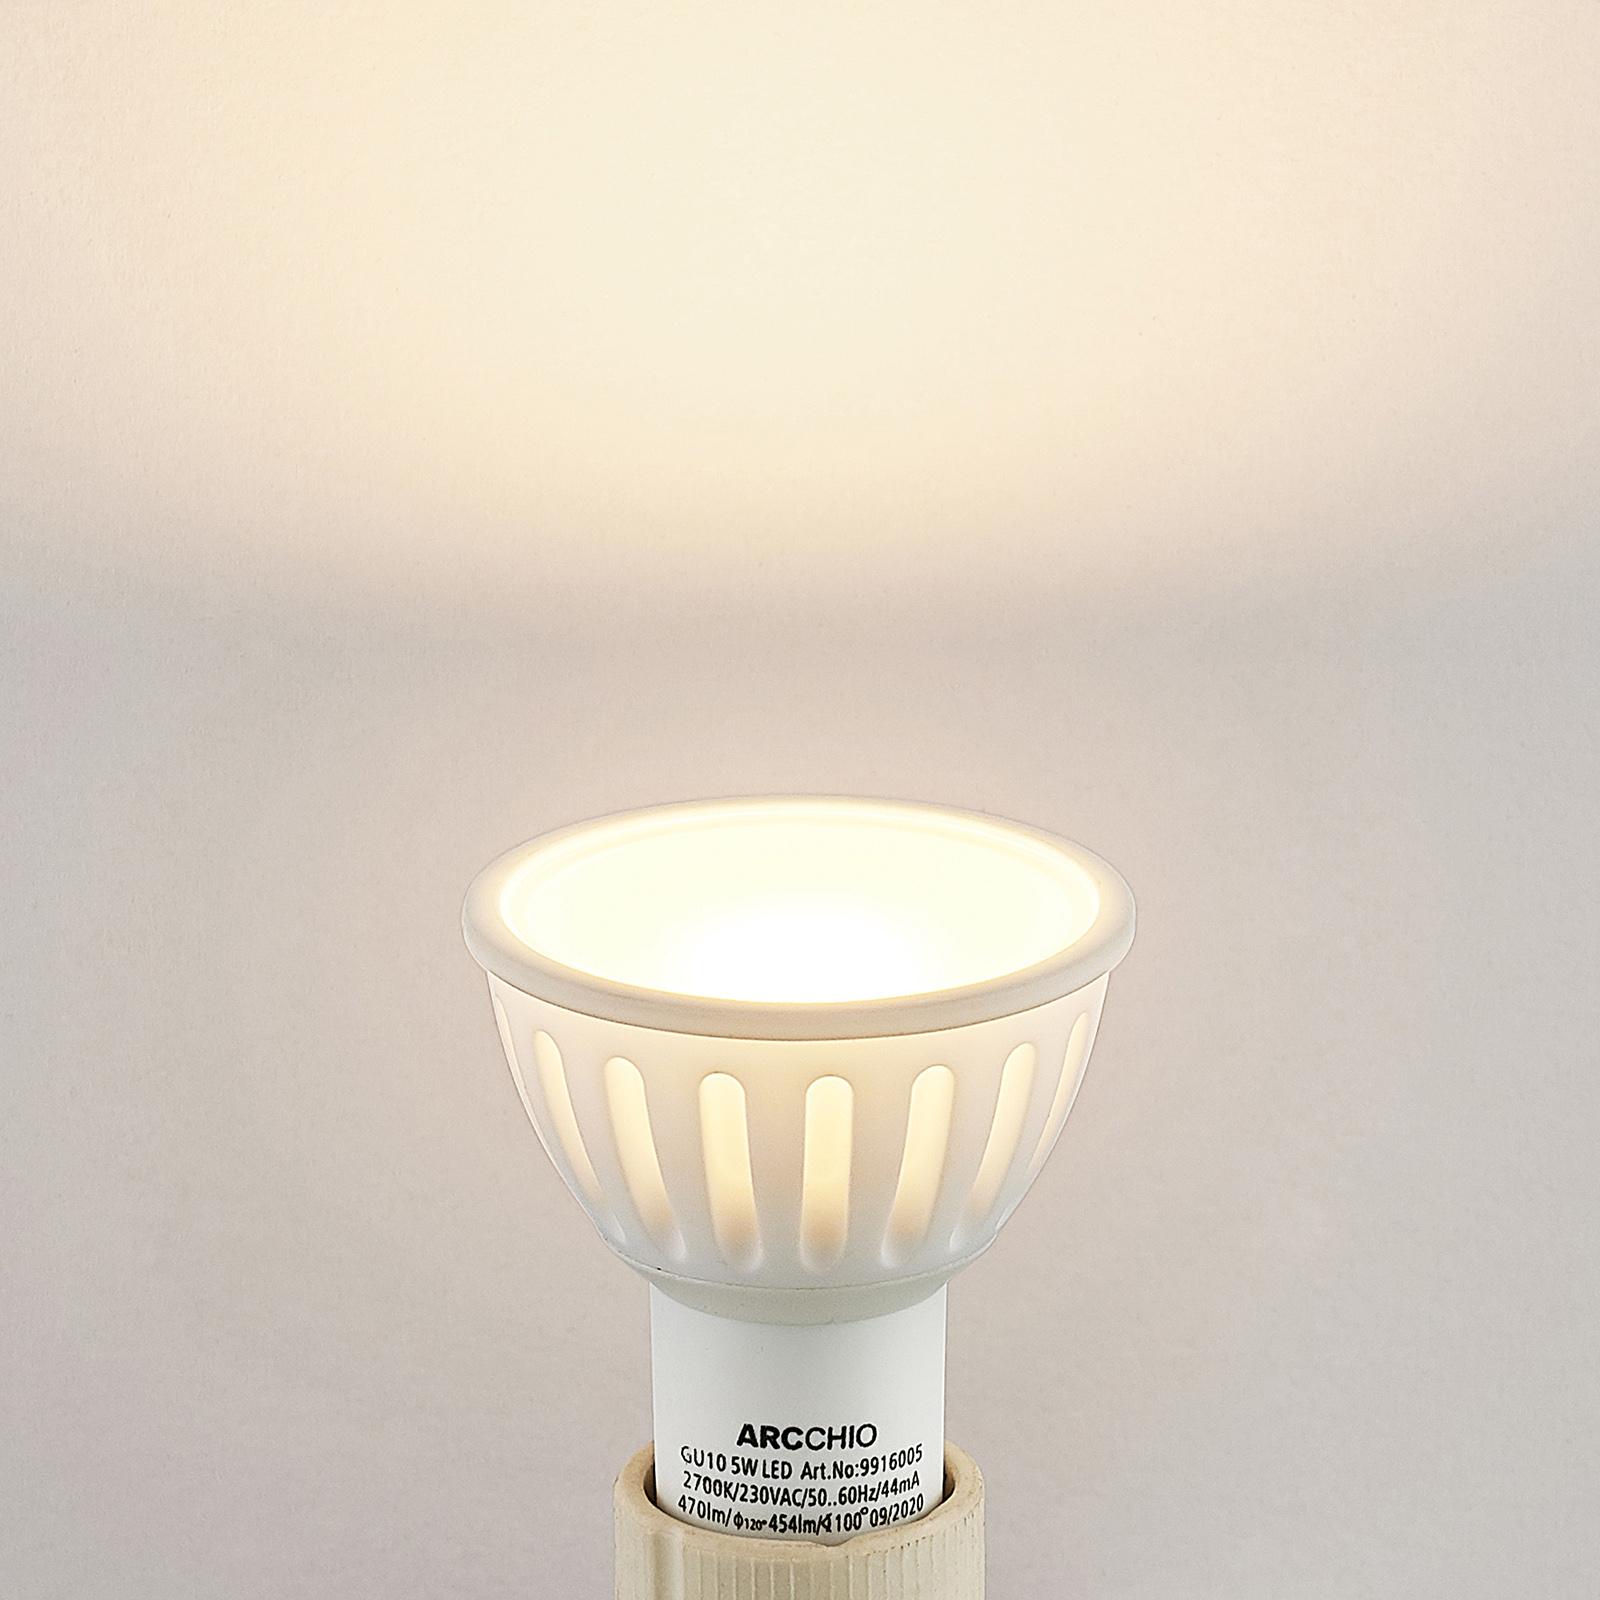 Arcchio reflektor LED GU10 100° 5W 2700K